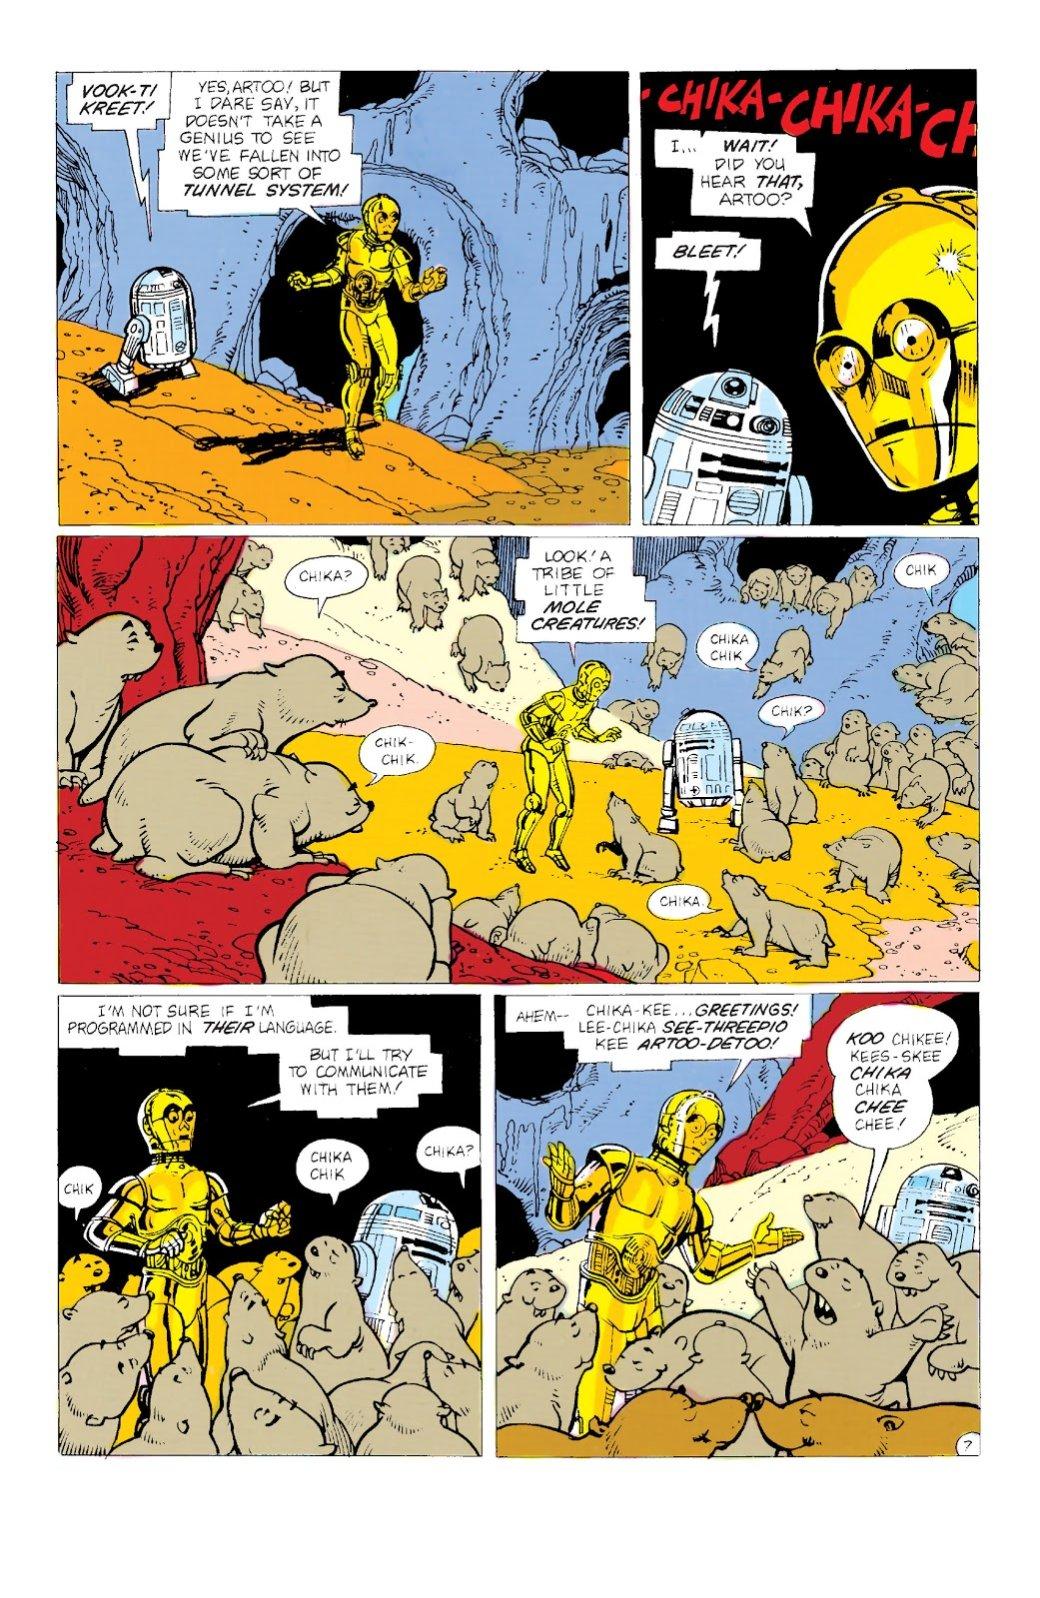 Самые странные инеобычные комиксы по«Звездным войнам»: отстимпанка доСредневековья | Канобу - Изображение 5